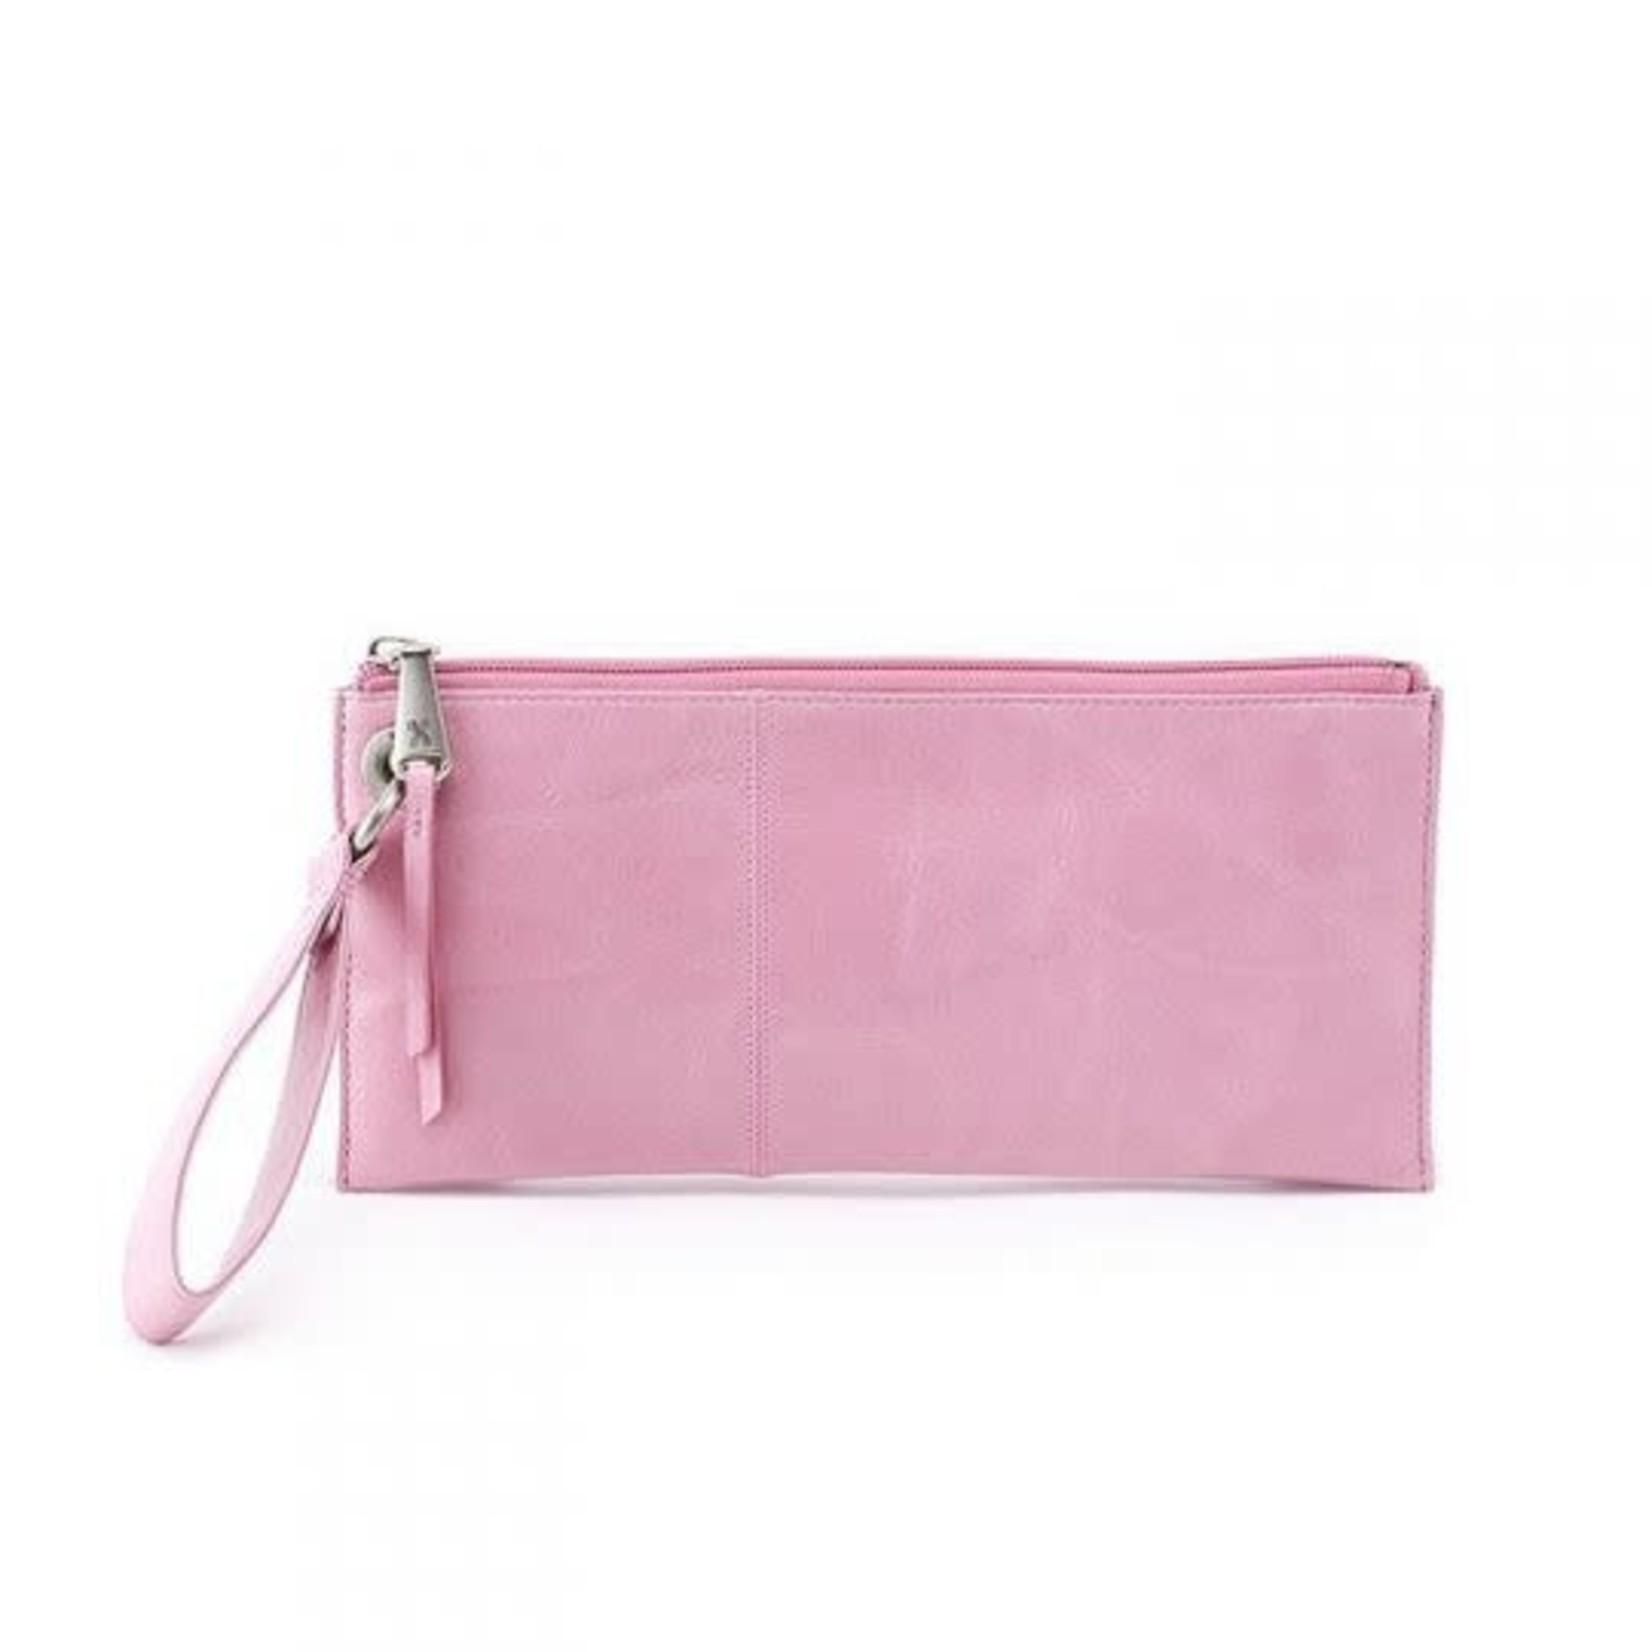 HOBO Vida Lilac Pink Wristlet